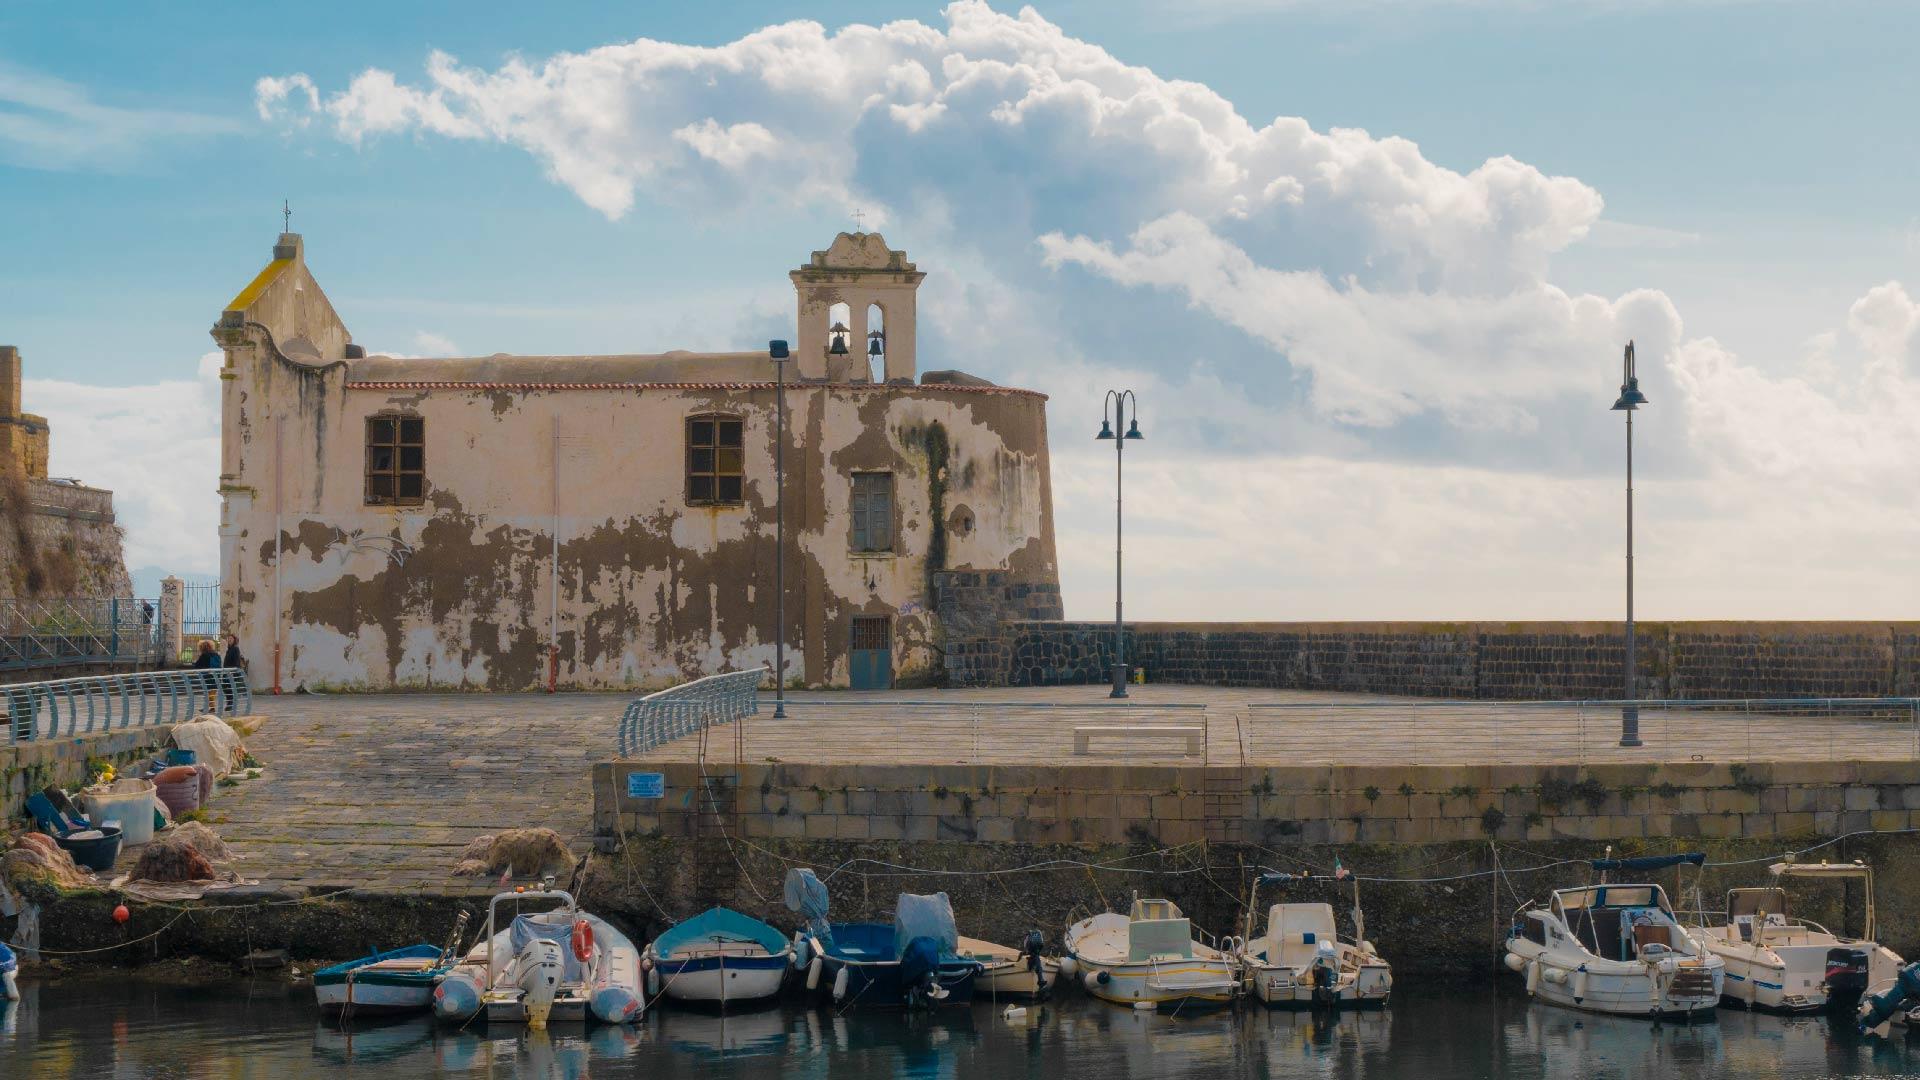 Chiesa dell'Assunta a mare: la chiesa dei pescatori